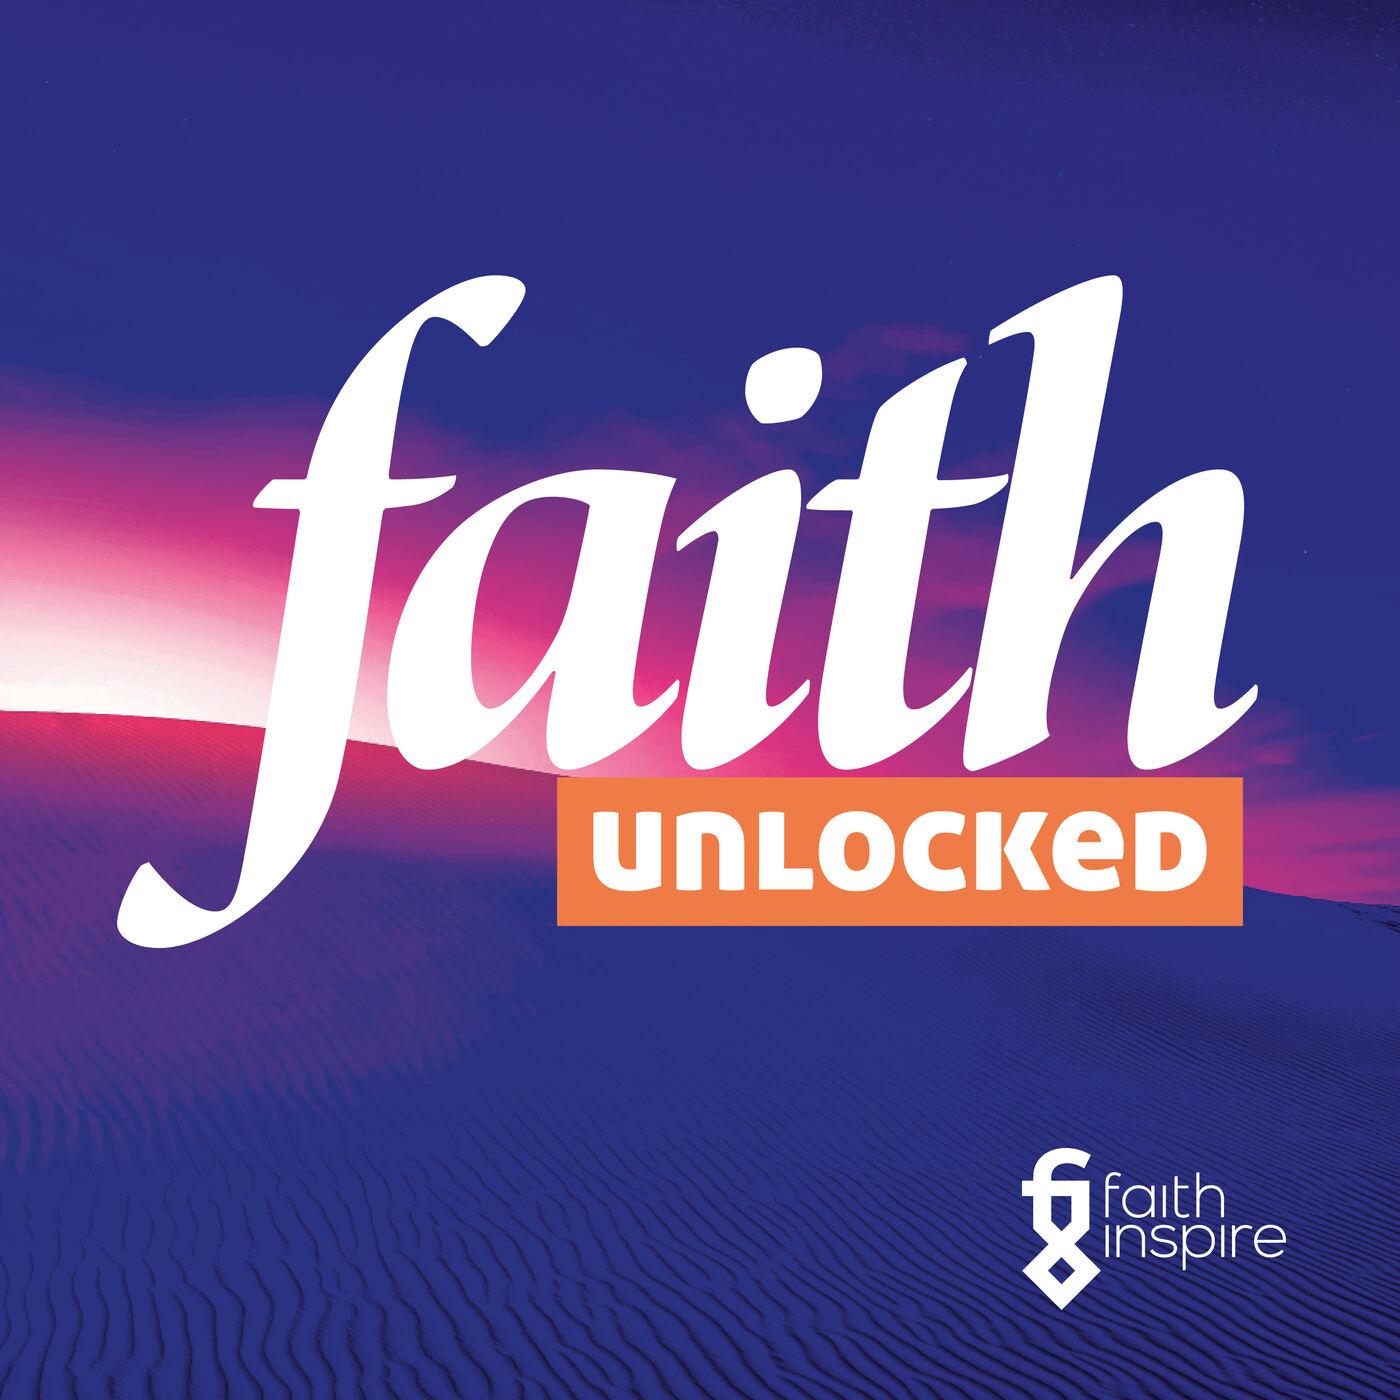 Faith Inspire (Faith Unlocked) - Ambassador Ebrahim Rasool